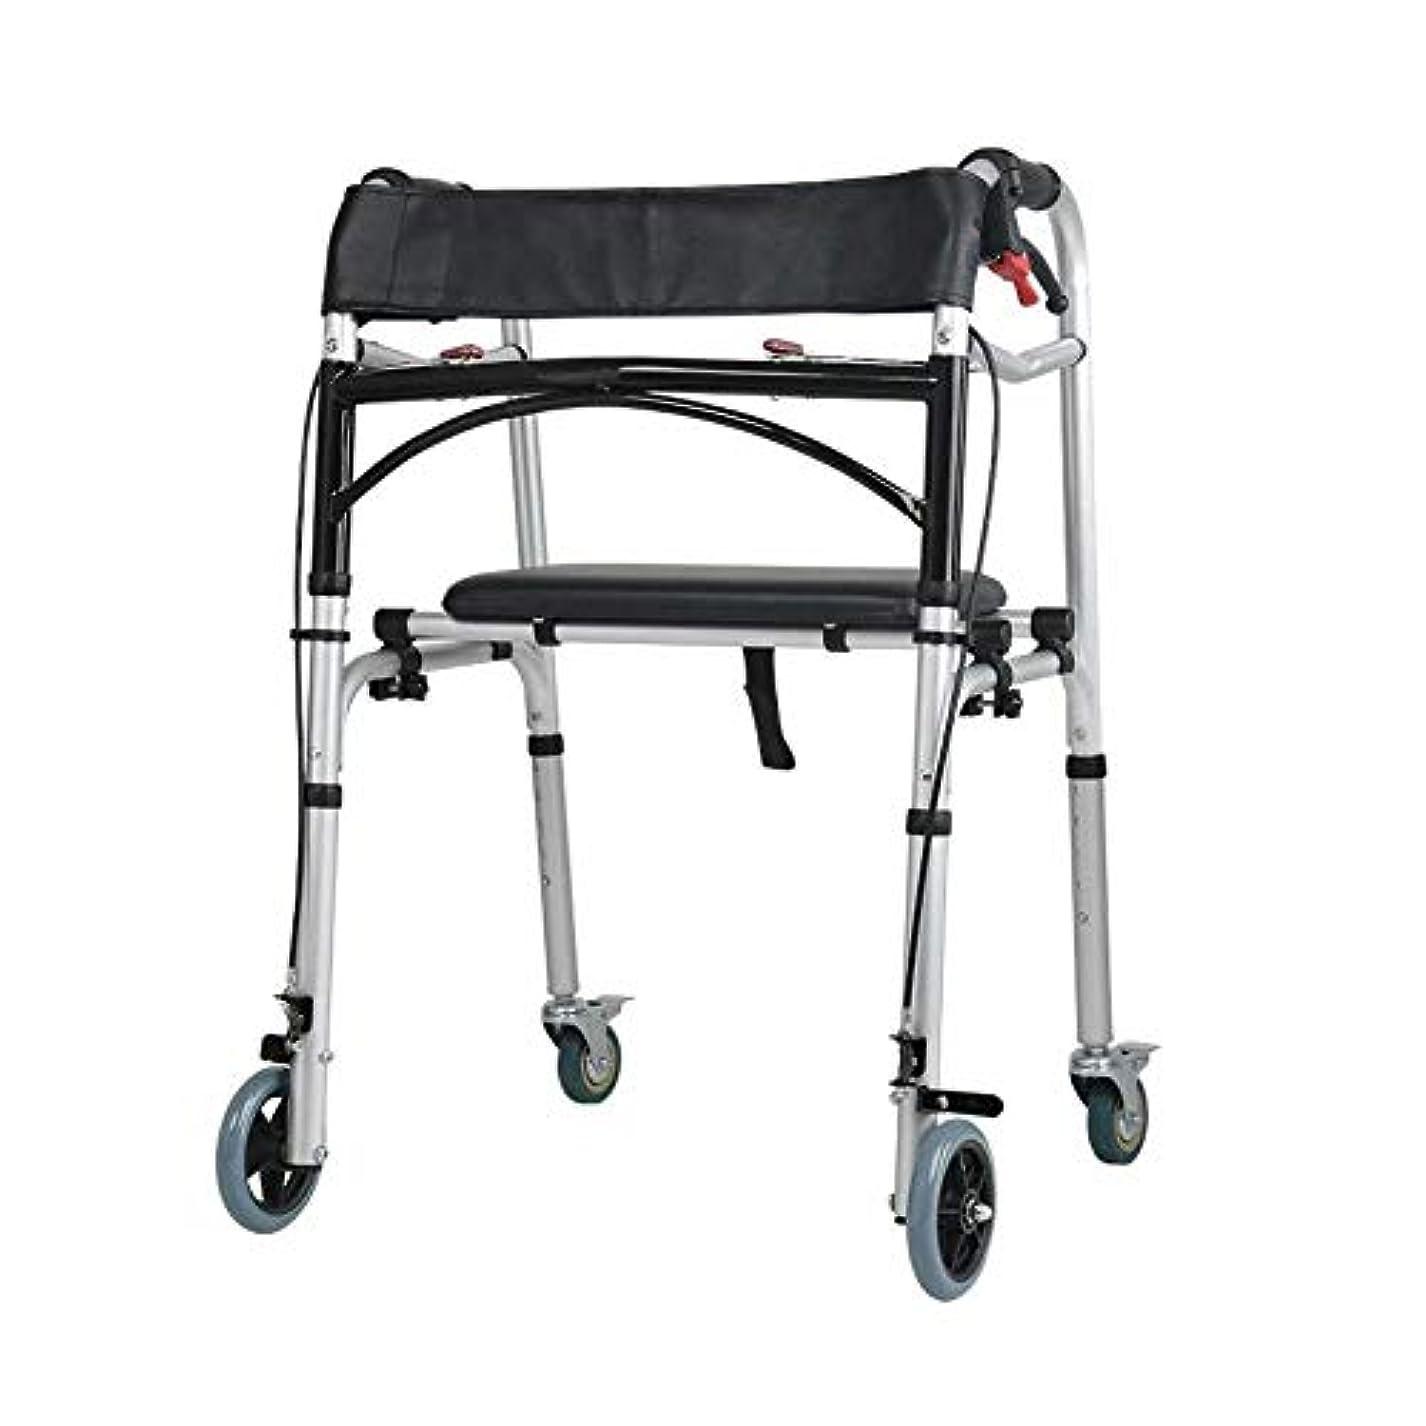 血ショルダー子猫キャリングハンドルとフリップシート、多機能高齢者歩行杖4脚アンチスリップチェアスツール付き2輪ウォーキングフレーム (Color : 黒)